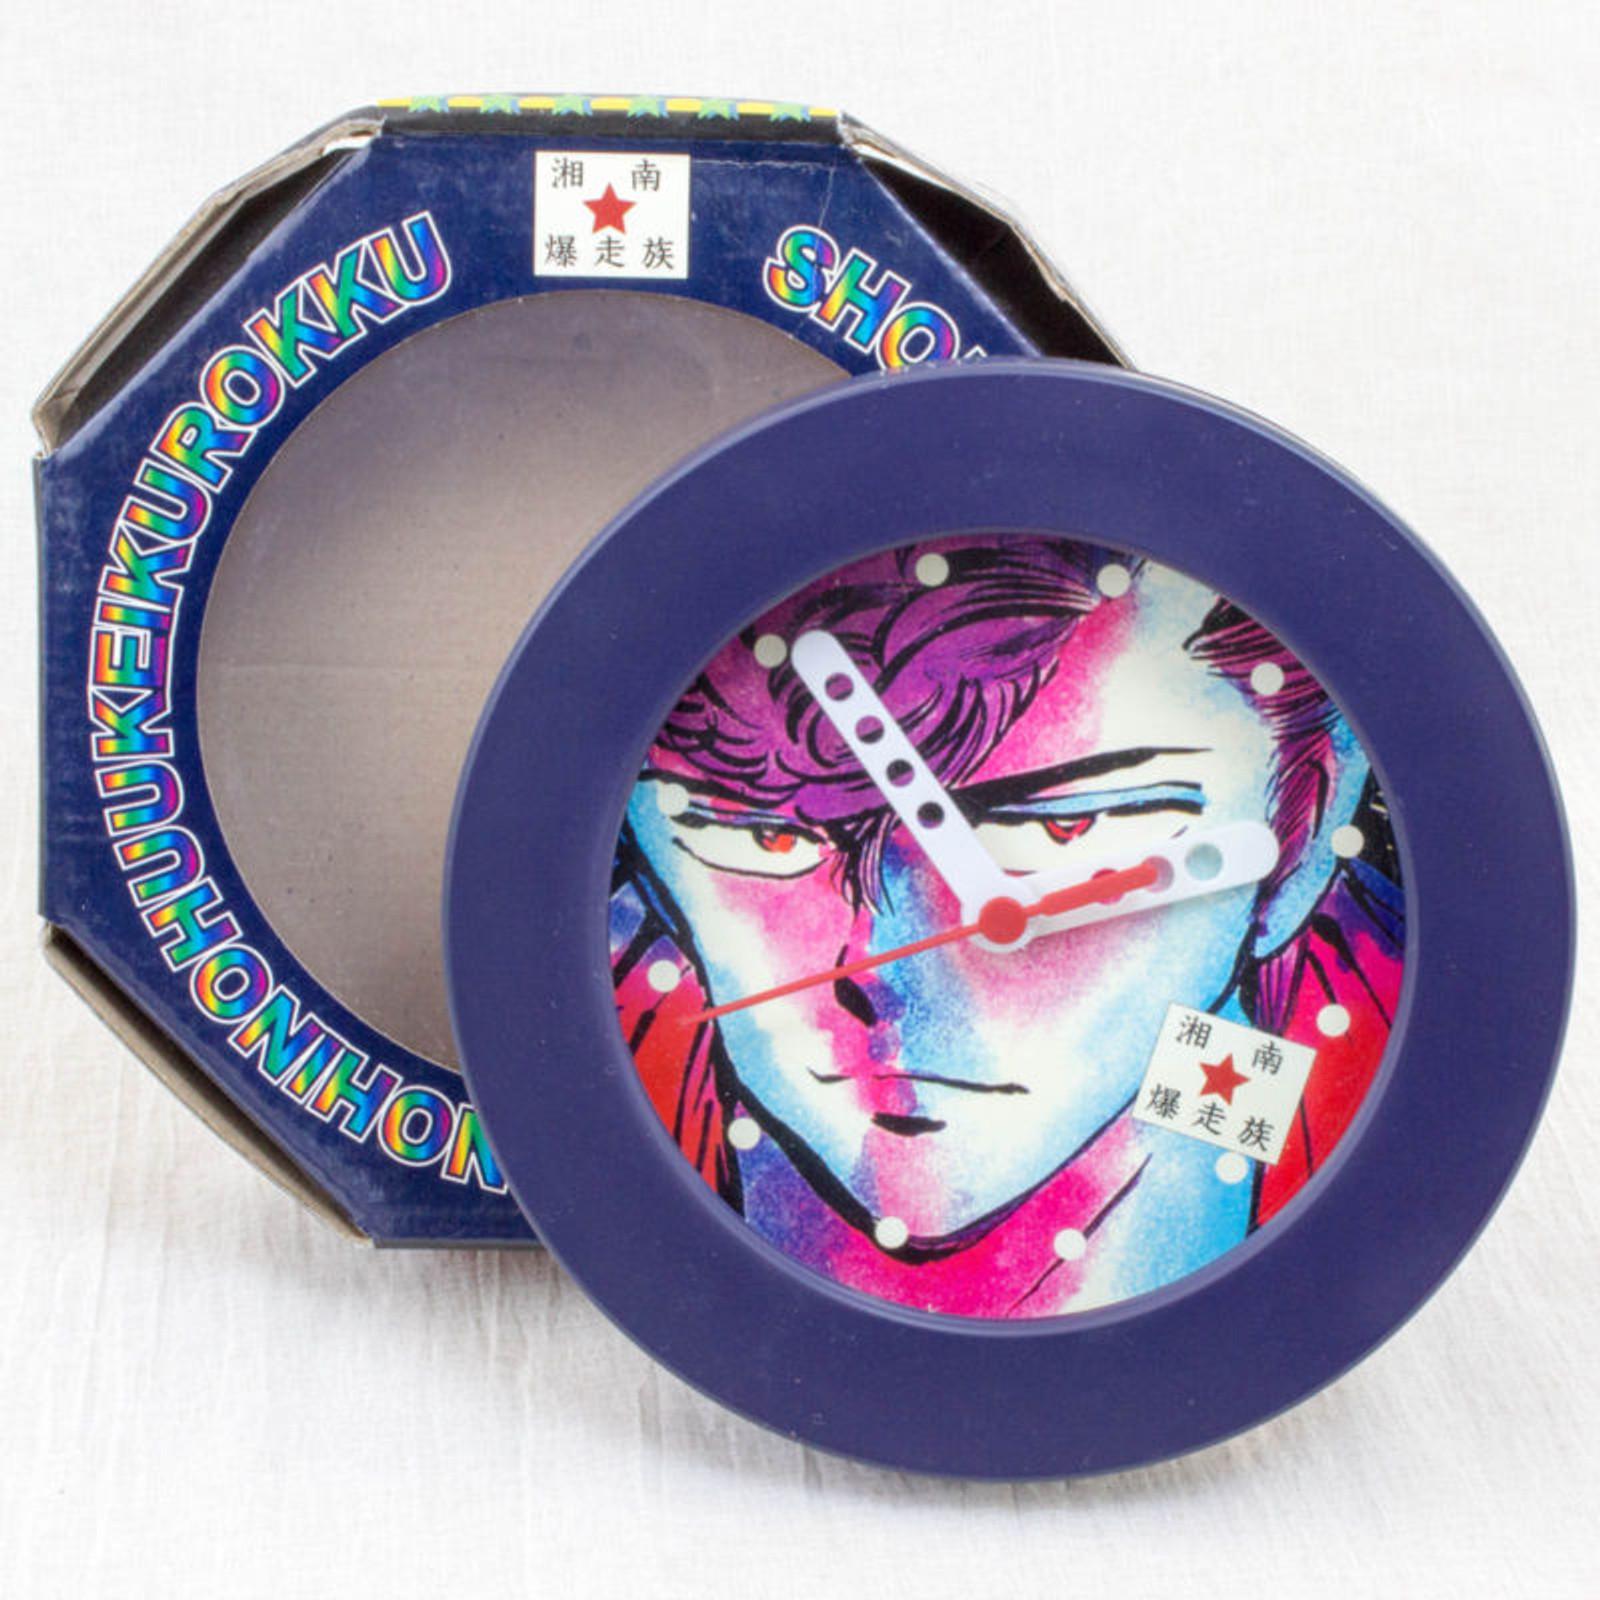 RARE! Shonan Bakuso Zoku Retro Wall Clock 1 JAPAN ANIME MANGA TOORU FUJISAWA